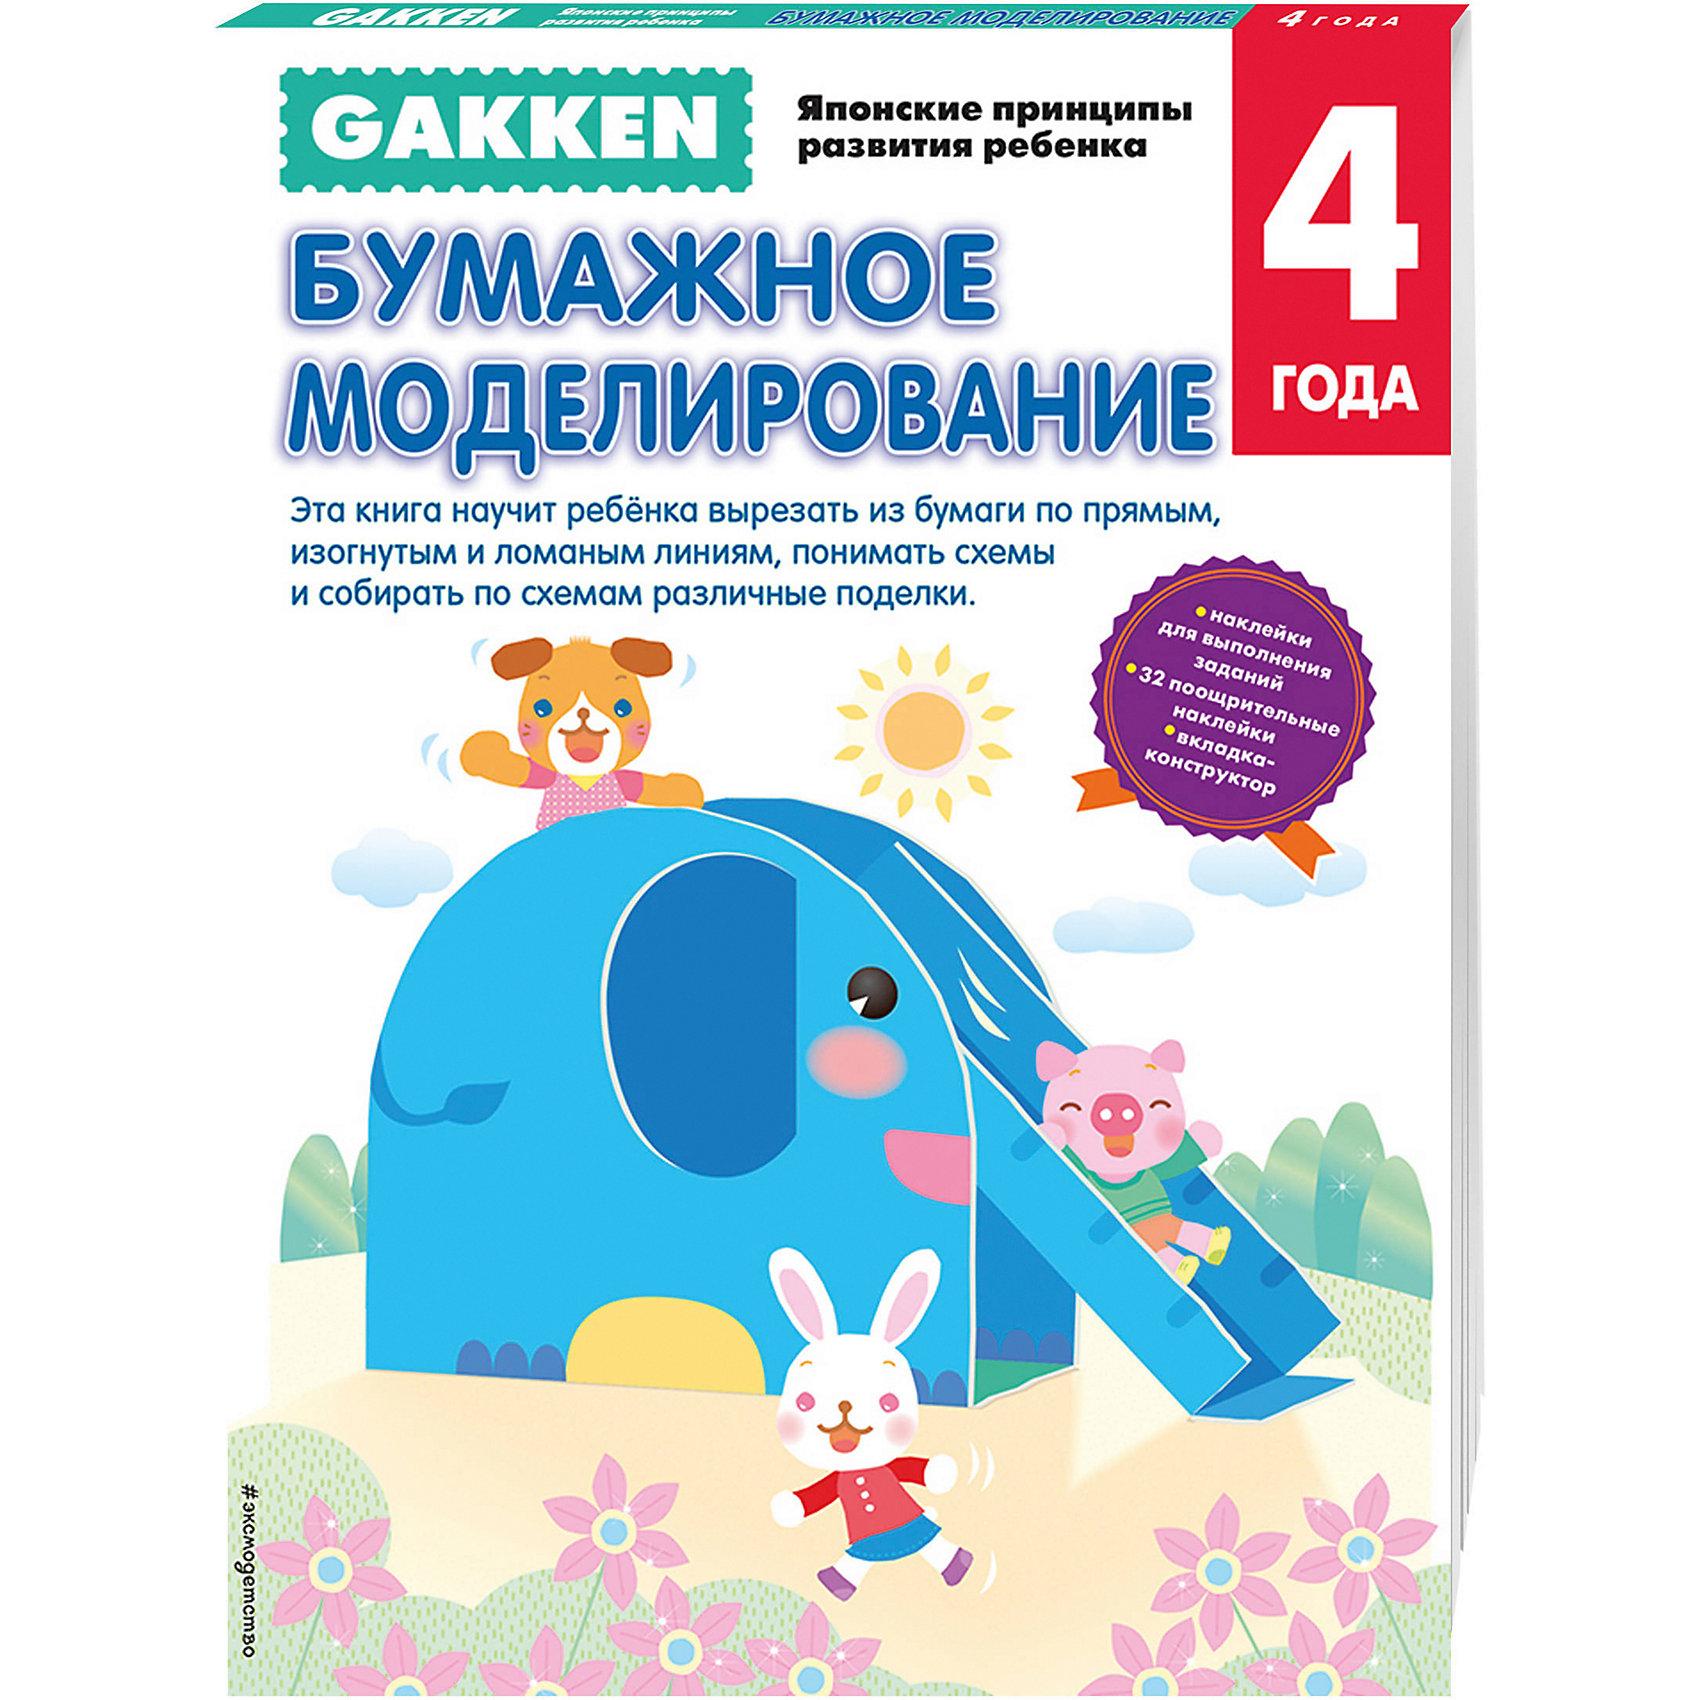 Бумажное моделирование, 4+, GakkenМетодики раннего развития<br>Характеристики товара: <br><br>• ISBN: 9785699871803<br>• возраст от: 4 лет<br>• формат: 90x60/8<br>• бумага: офсет<br>• обложка: мягкая<br>• серия: Gakken. Японские принципы развития ребенка<br>• издательство: Эксмо-Пресс<br>• иллюстрации: черно-белые, цветные<br>• переводчик: Анисимова Екатерина<br>• количество страниц: 64<br>• размеры: 21x29 см<br><br>Тетрадь «Бумажное моделирование, 4+» - это часть известной японской методики обучения детей. С помощью такой тетради ребенок сможет научиться мастерить поделки, а также освоить другие навыки.<br><br>Данная тетрадь позволит ребенку развивать свое мышление и готовиться к школе. Задания интересные и несложные. Для детей дошкольного возраста.<br><br>Рабочую тетрадь «Бумажное моделирование, 4+» можно купить в нашем интернет-магазине.<br><br>Ширина мм: 210<br>Глубина мм: 290<br>Высота мм: 50<br>Вес г: 287<br>Возраст от месяцев: 36<br>Возраст до месяцев: 2147483647<br>Пол: Унисекс<br>Возраст: Детский<br>SKU: 5535526